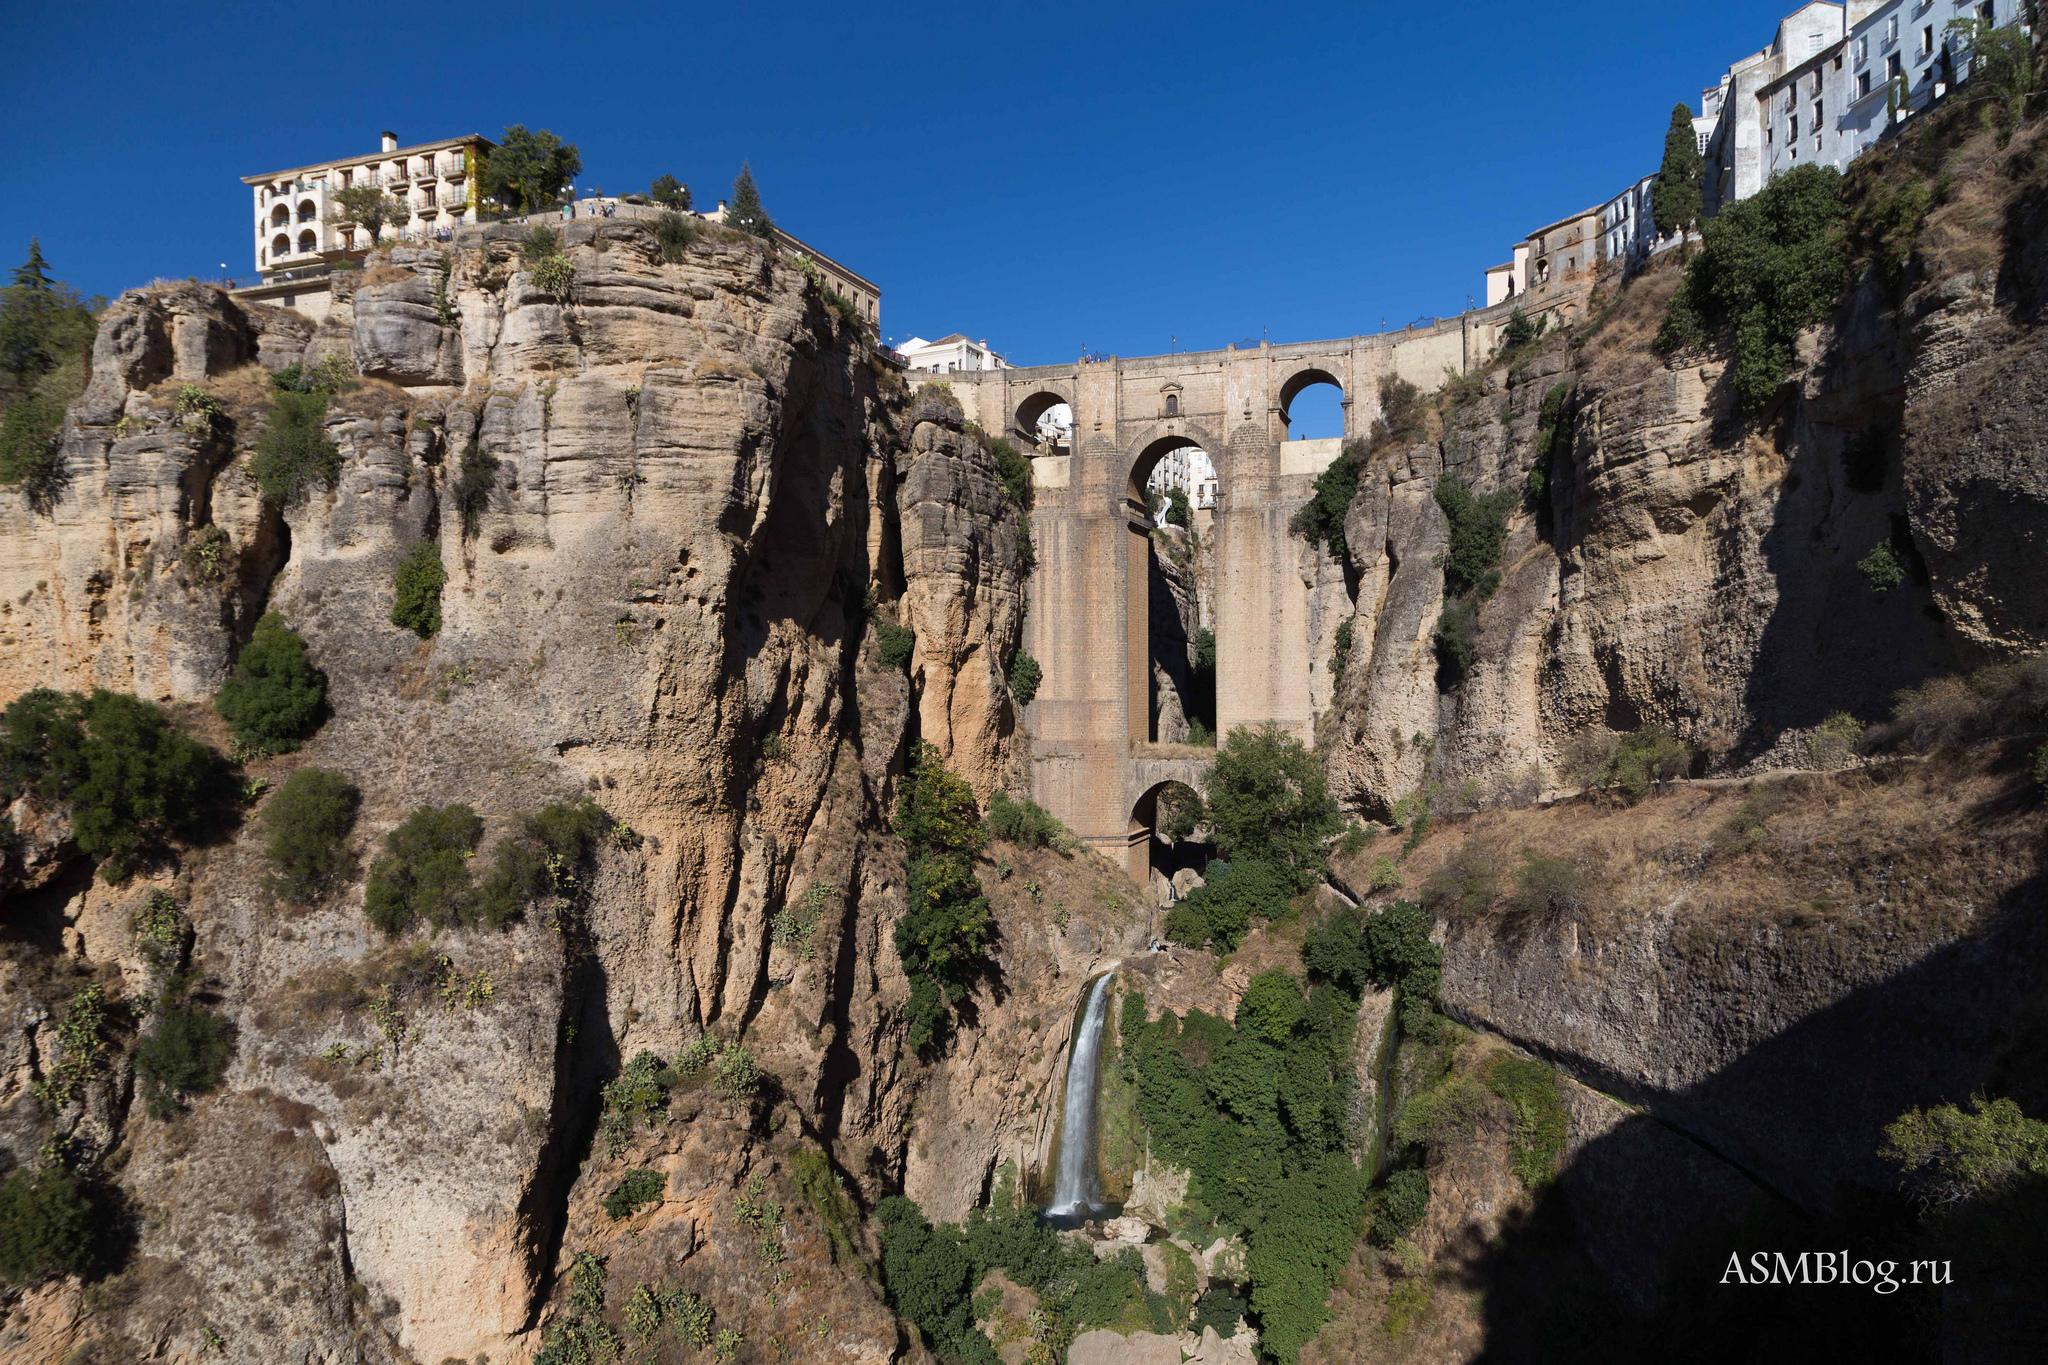 Ронда, Испания: интересные достопримечательности, чем заняться в городе, хорошие рестораны и отзывы туристов